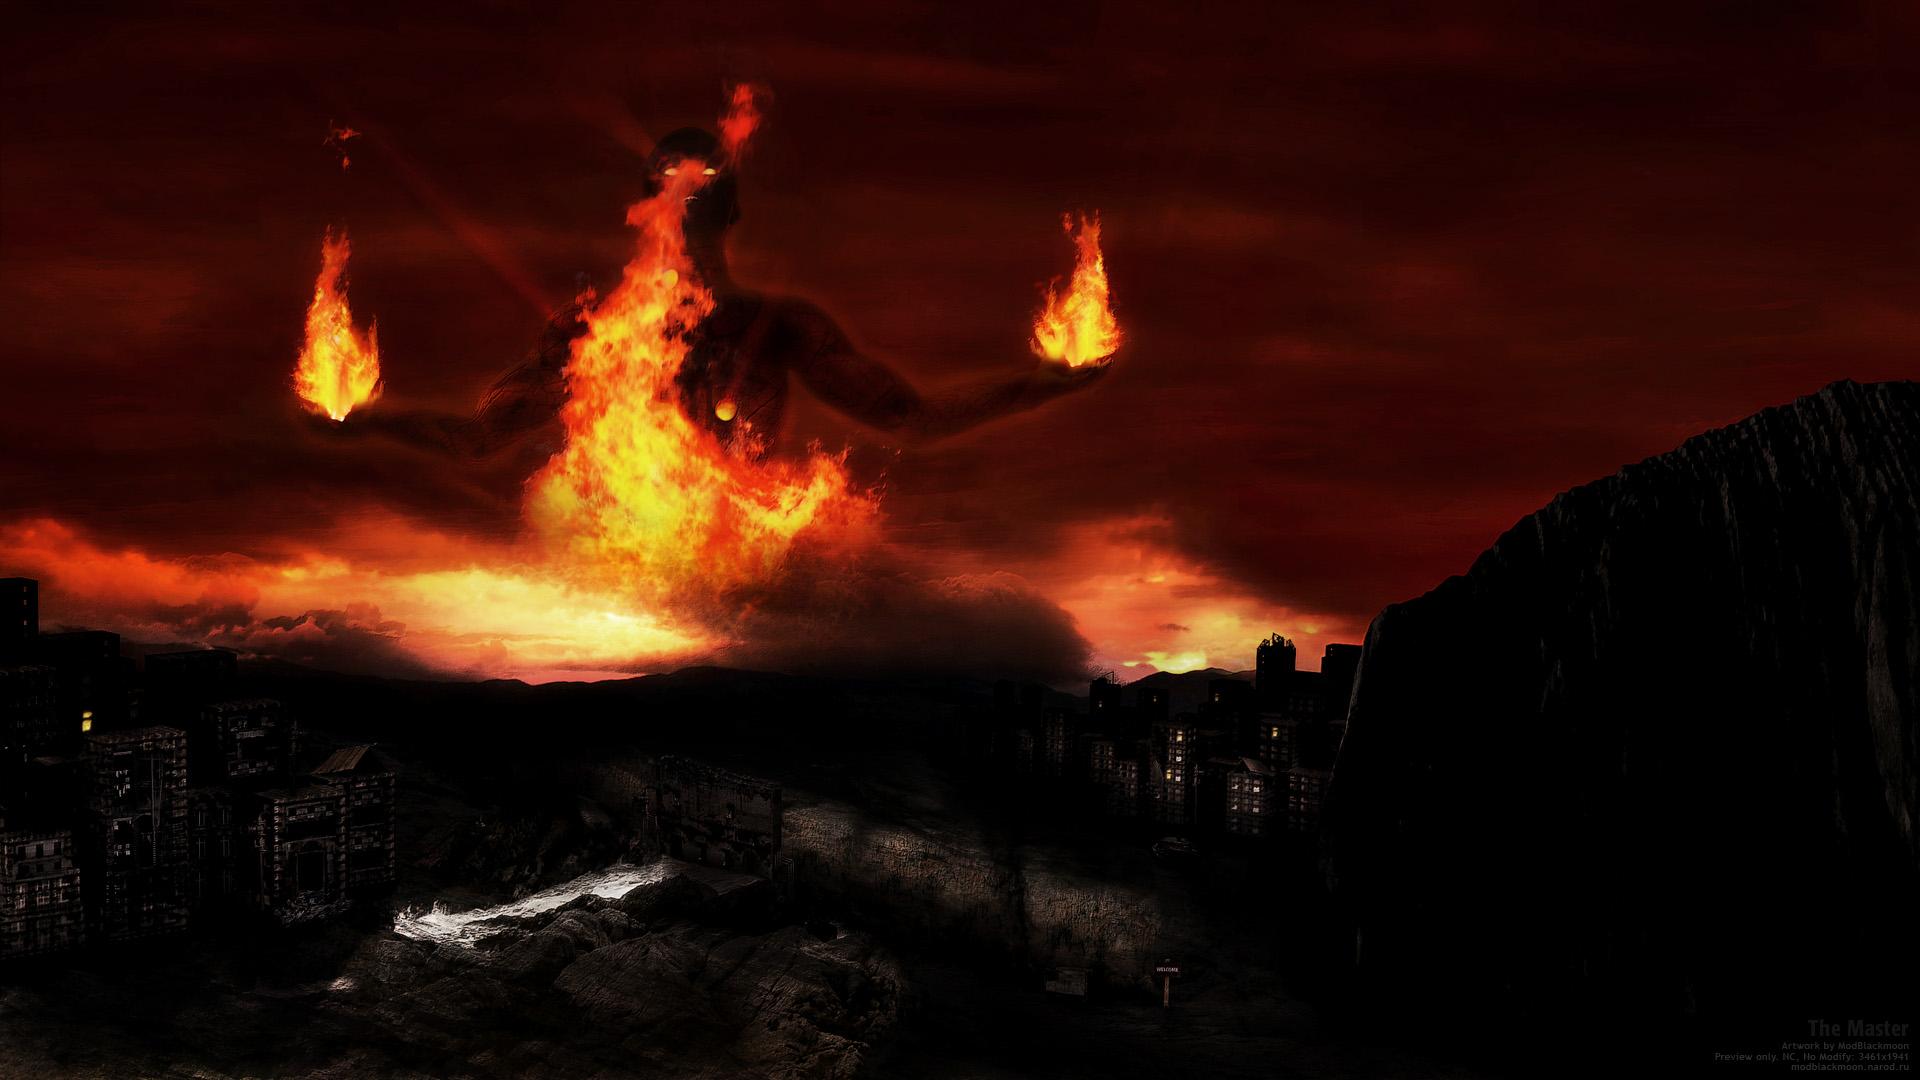 Обои для рабочего стола огонь ад